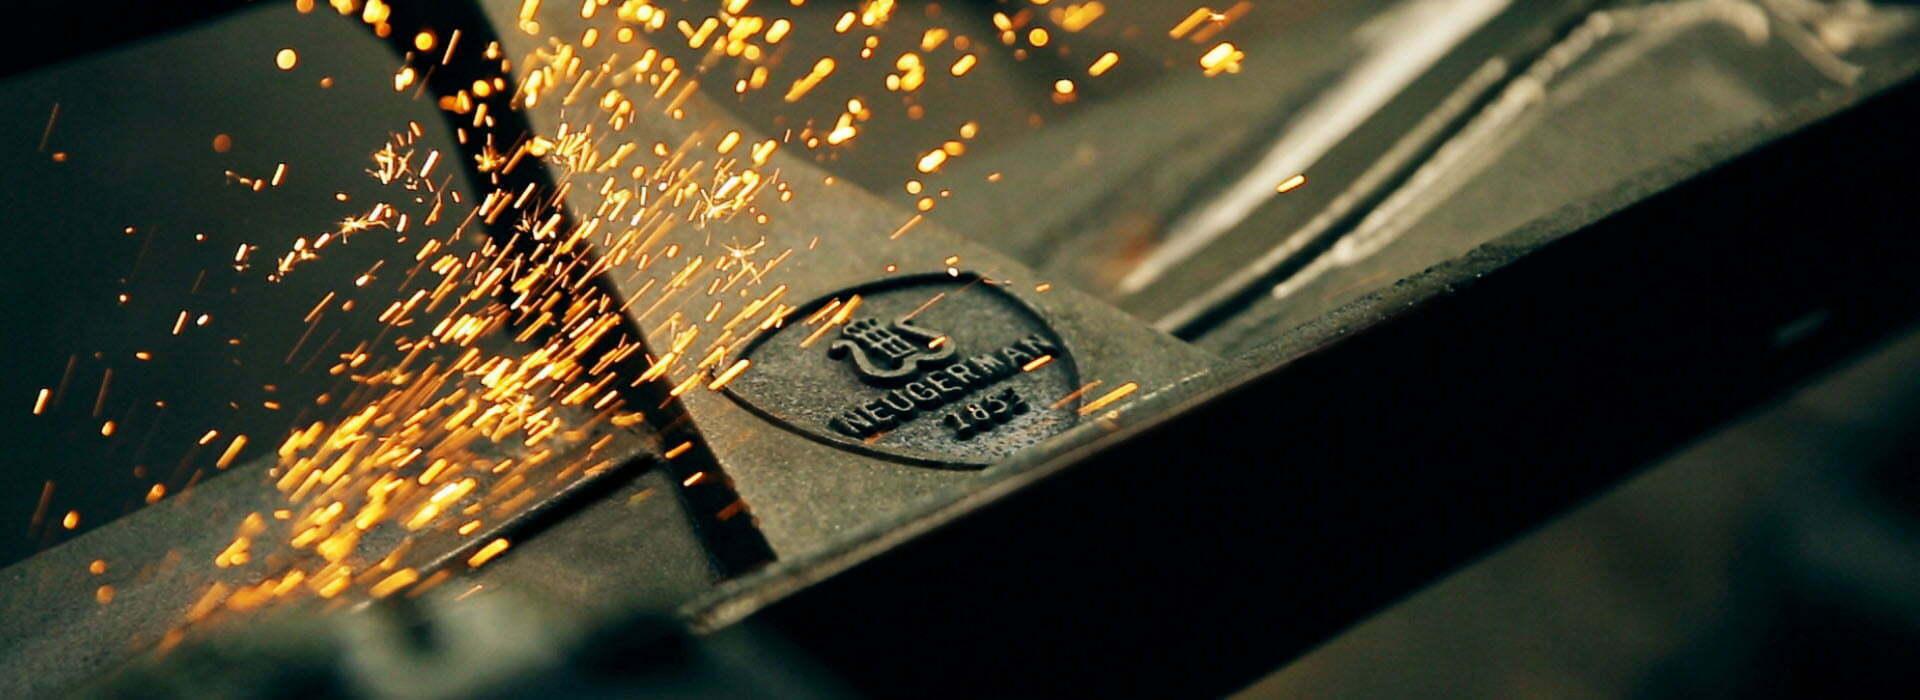 百年传承 - 诺英德曼钢琴 - 传承一百多年的贵族精粹浓缩成精华